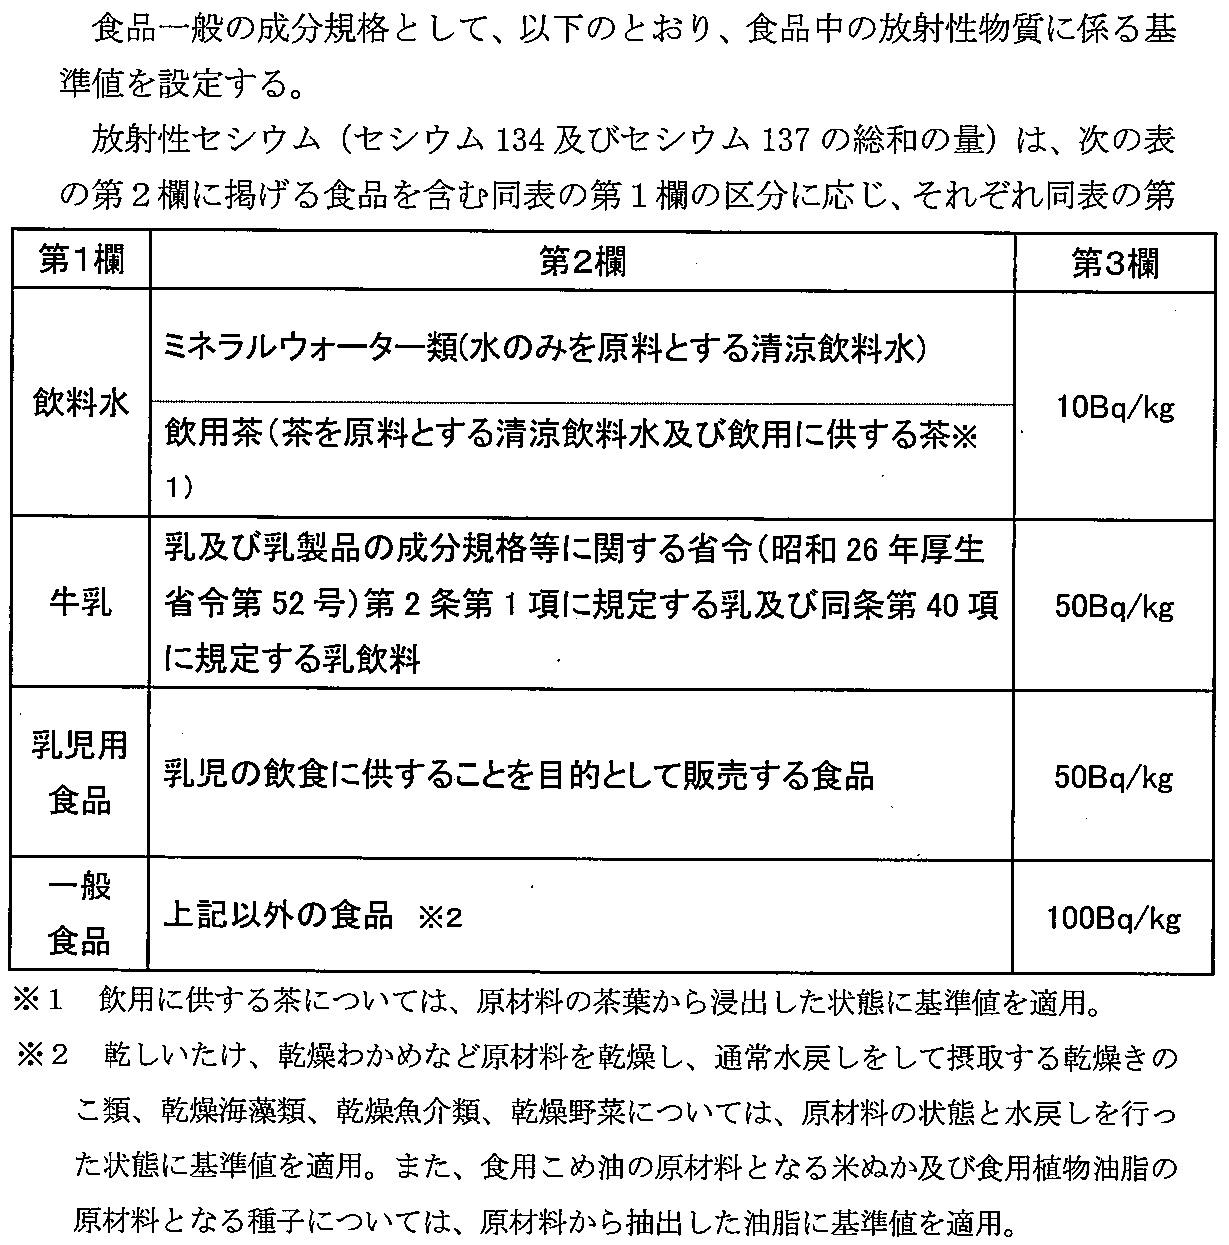 食品の放射性セシウムの新基準と牛乳、乳製品Ⅰ(原乳、生乳、放射性核種)_e0223735_17495353.jpg